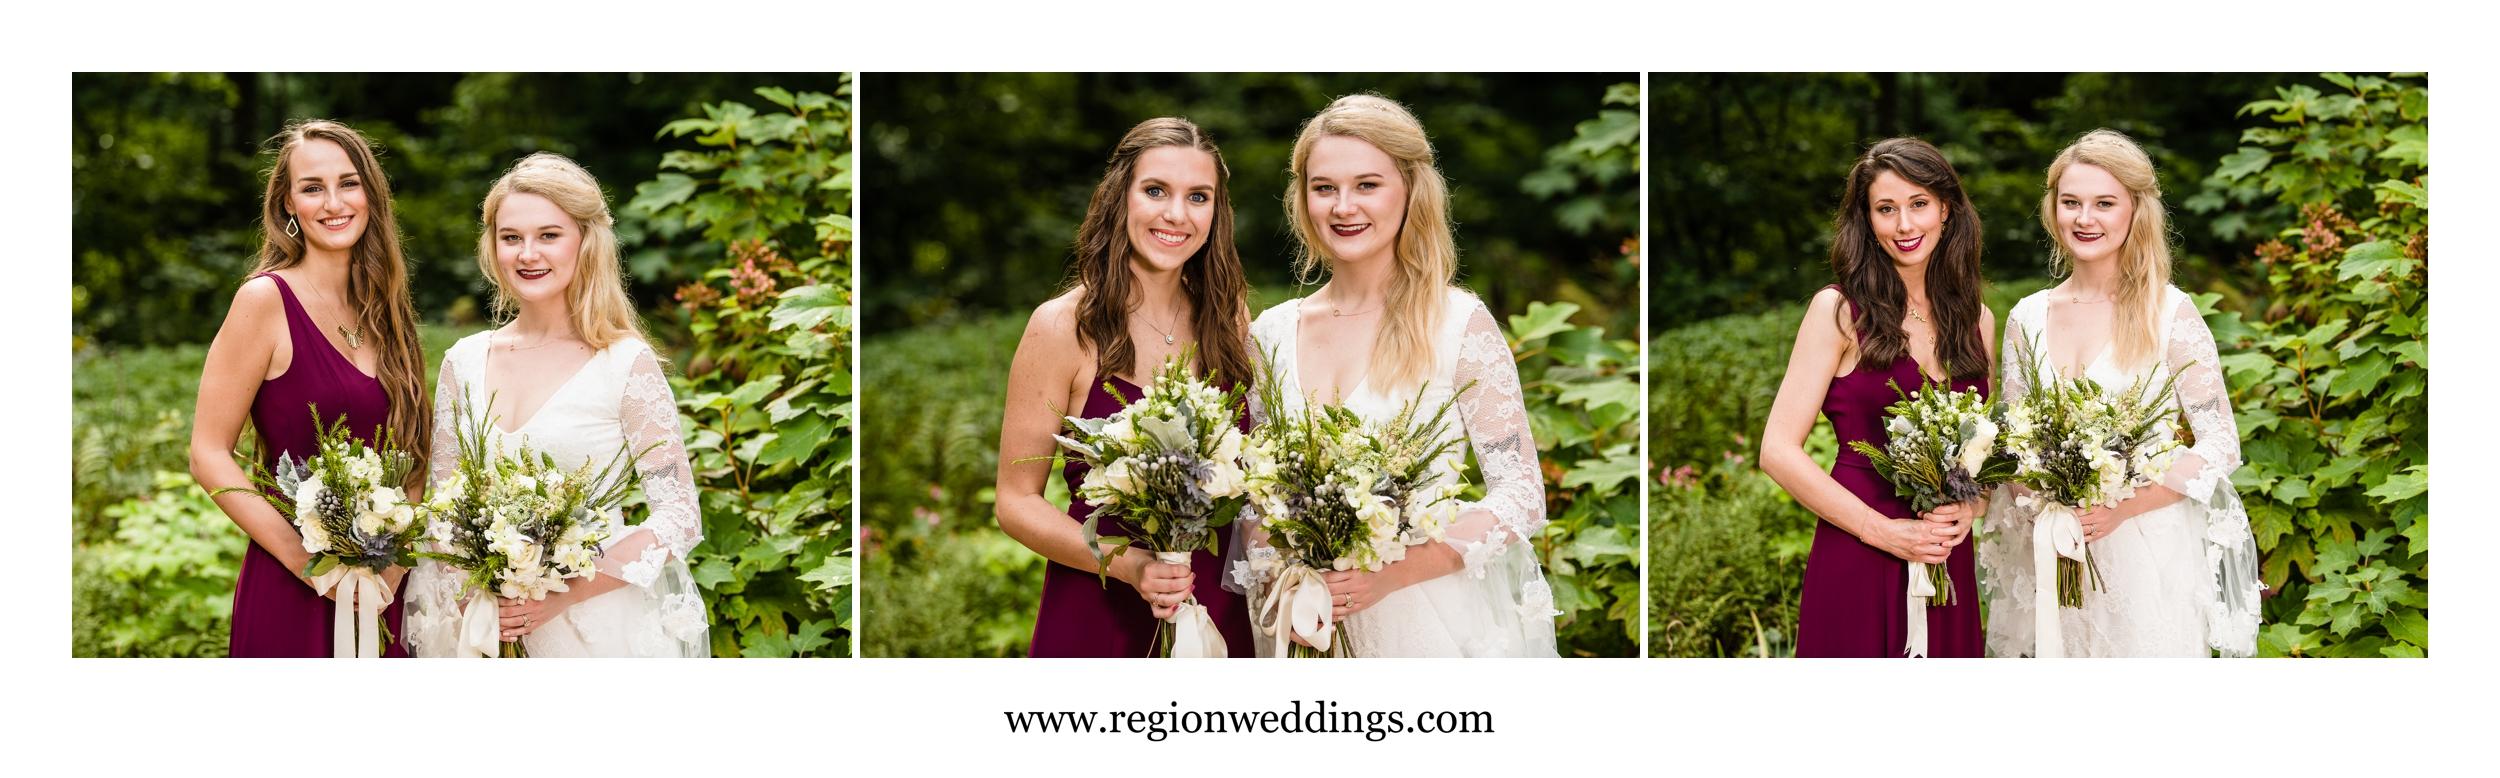 Bridesmaids in the garden.